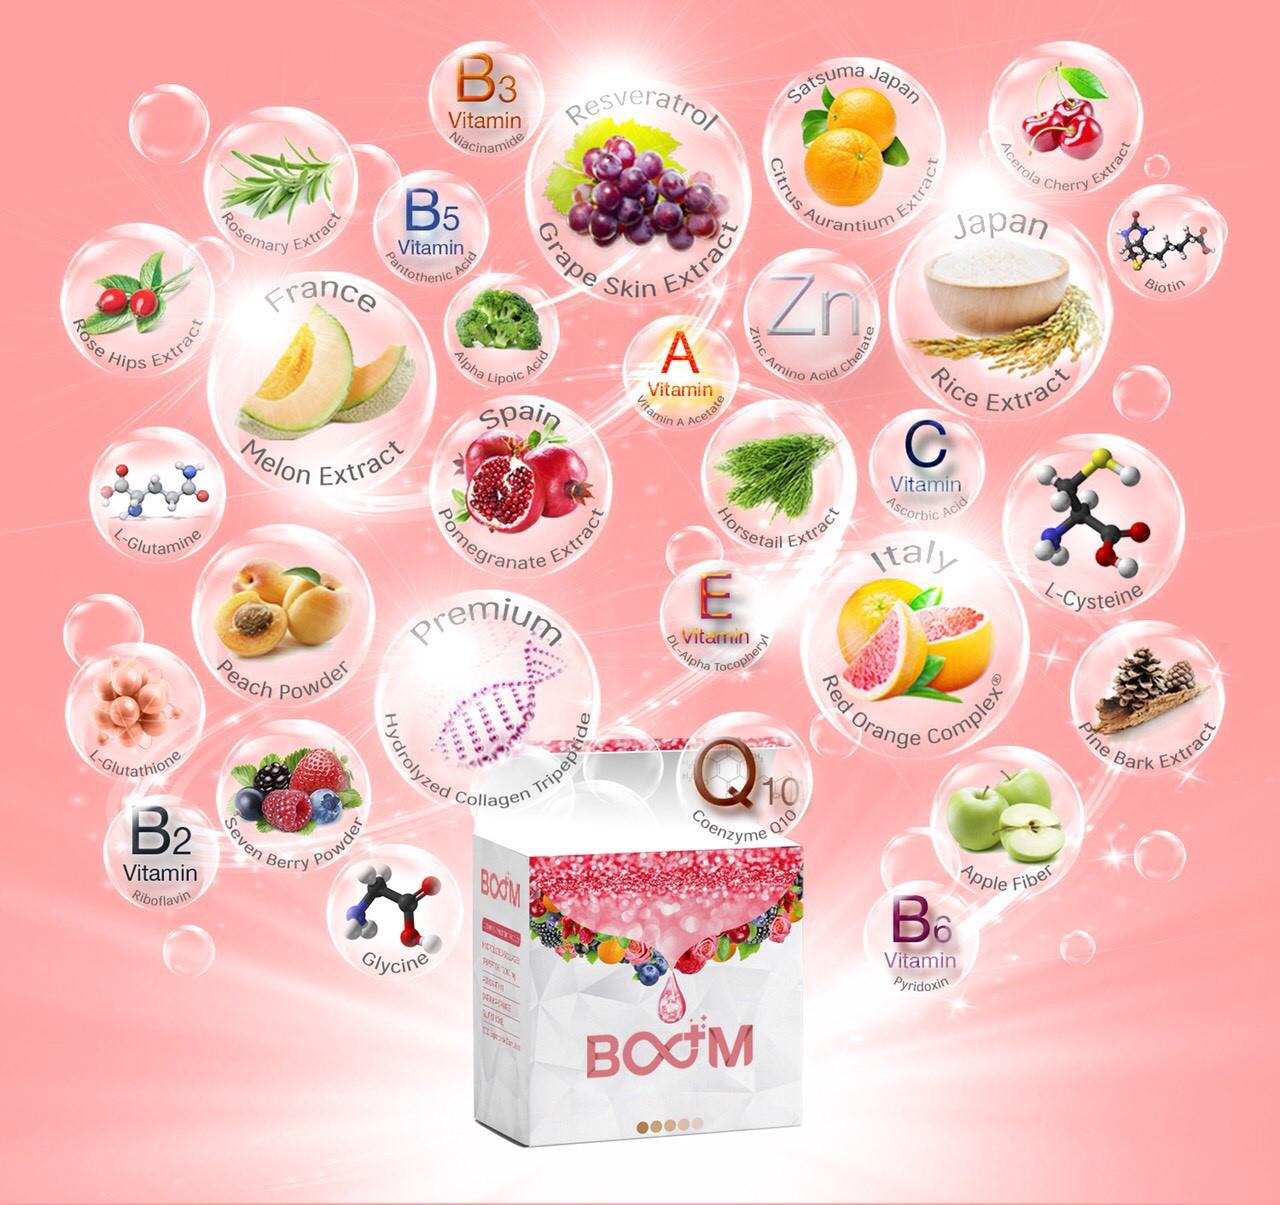 ผลิตภัณฑ์อาหารเสริมบูม boom รีวิว ส่วนประกอบ ราคา